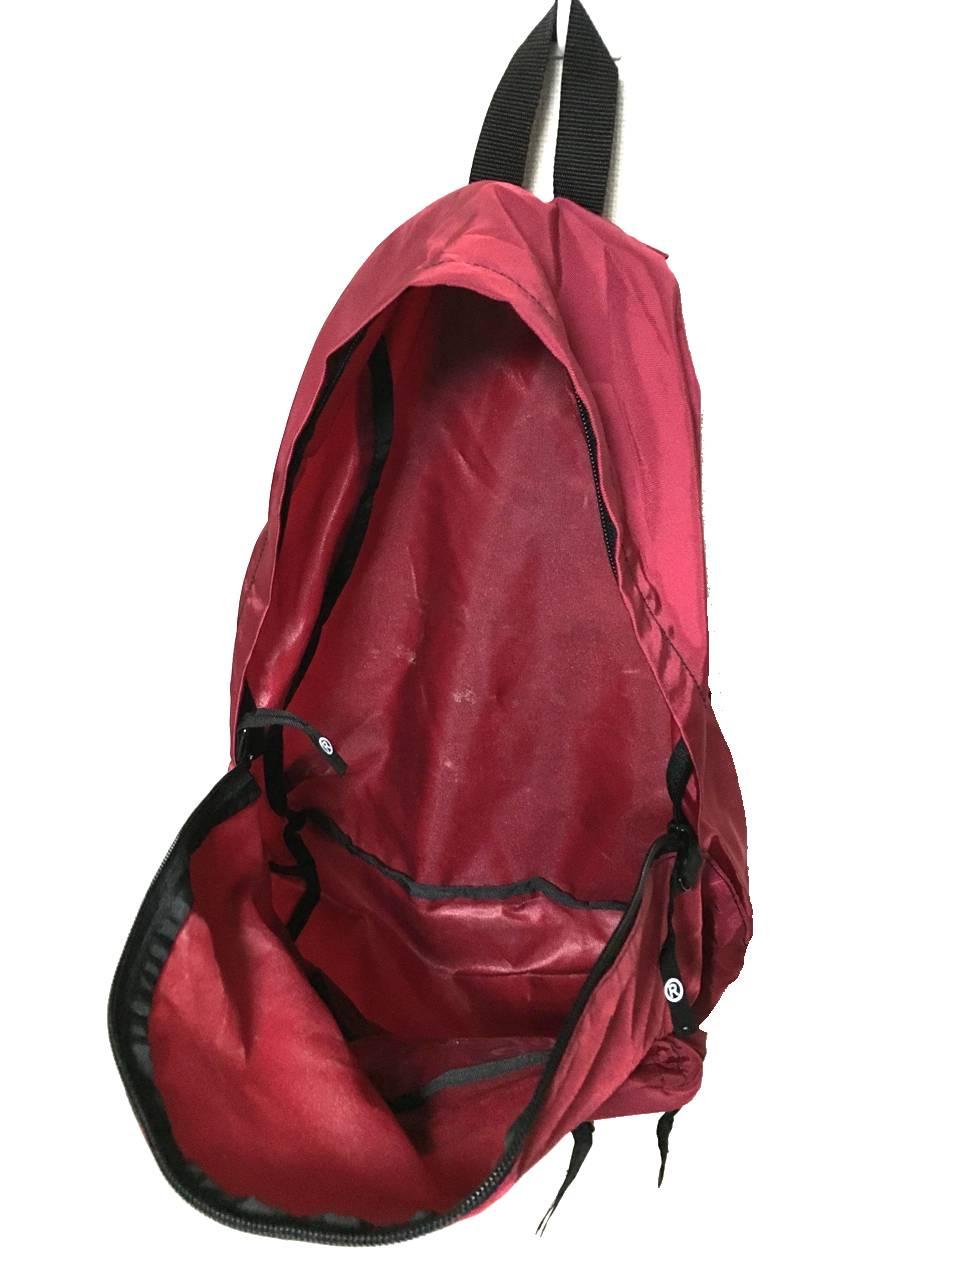 921f1330921 Red Bape Backpack- Fenix Toulouse Handball